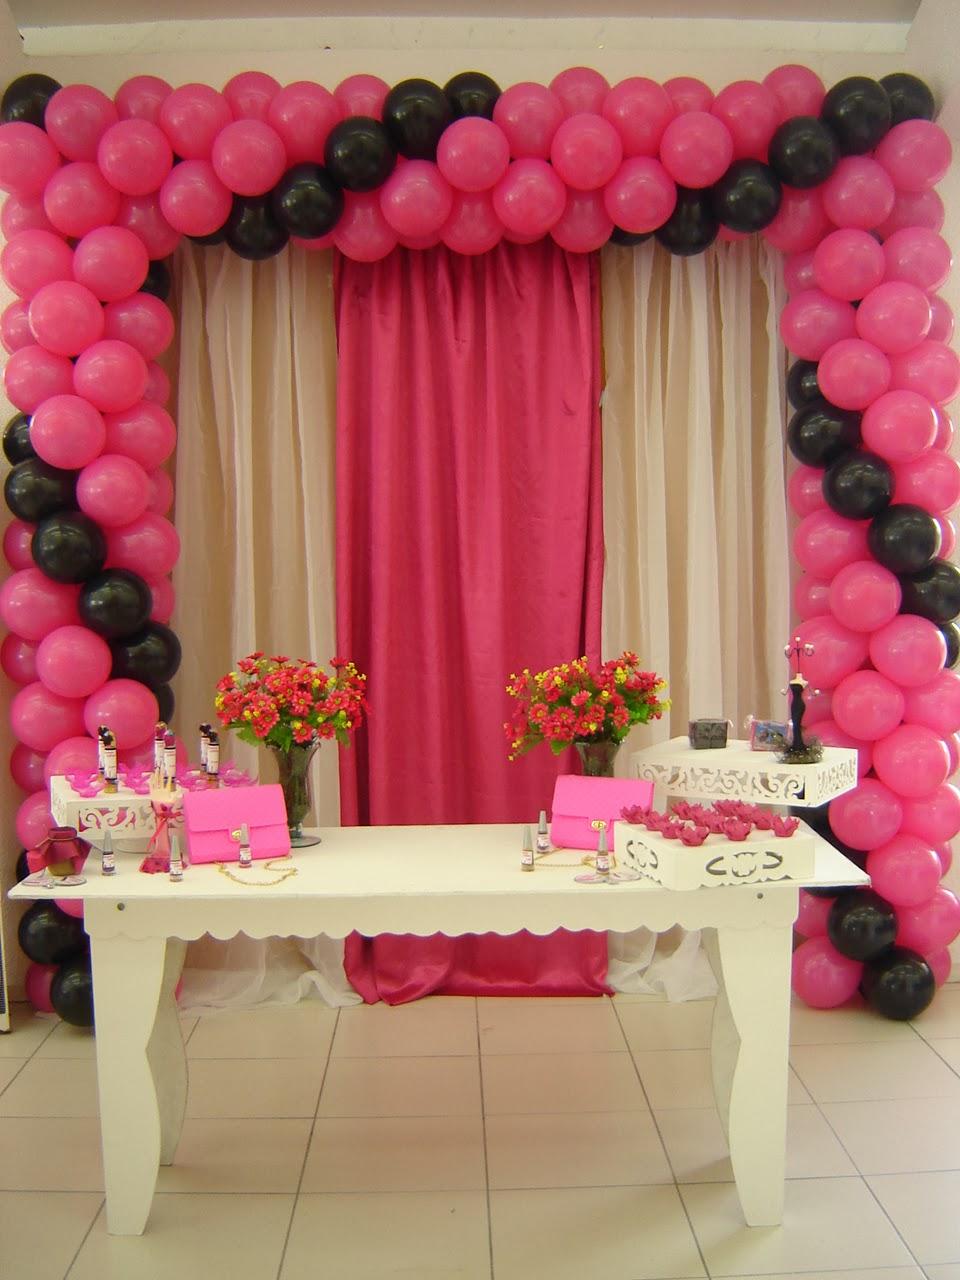 Priscila Arte em balões Decoraç u00e3o rosa e preto -> Decoração Outubro Rosa Simples